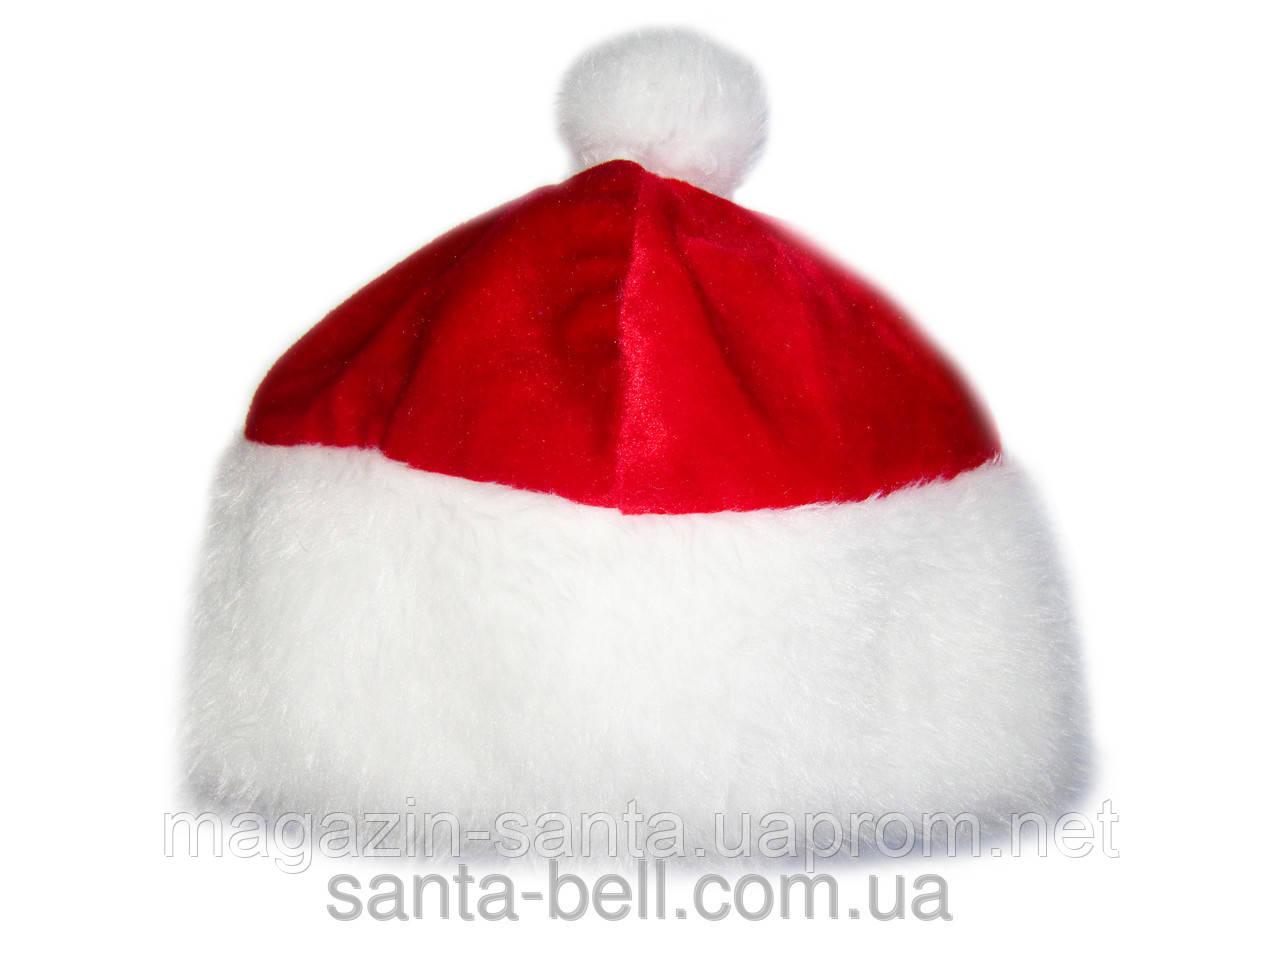 """Новорічна шапка червона """"Дід мороз"""" Діда Мороза Ковпак Санта Клауса Santa Claus"""